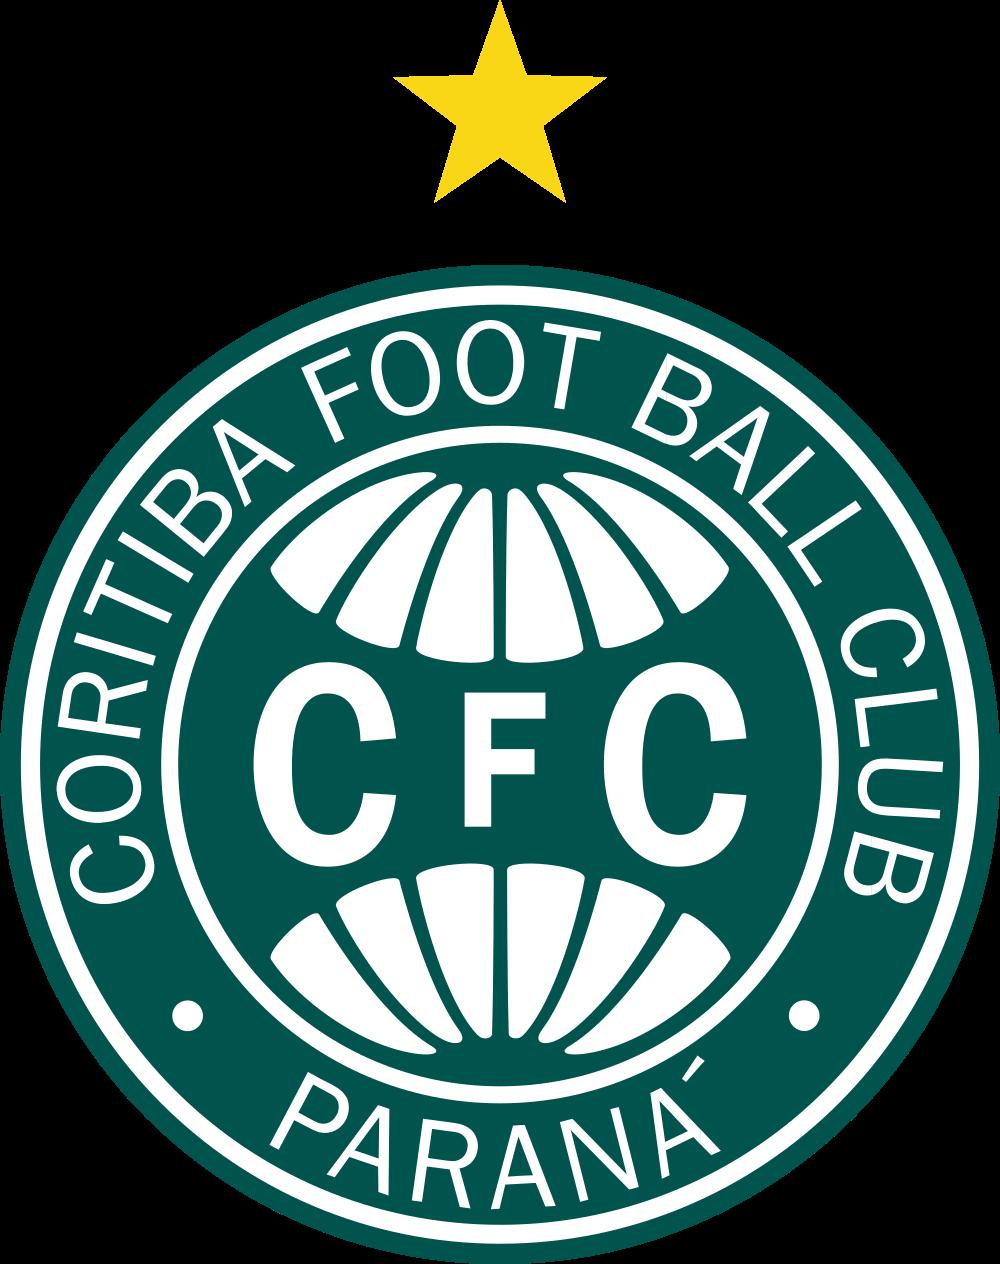 coritiba logo escudo 9 - Coritiba FC Logo